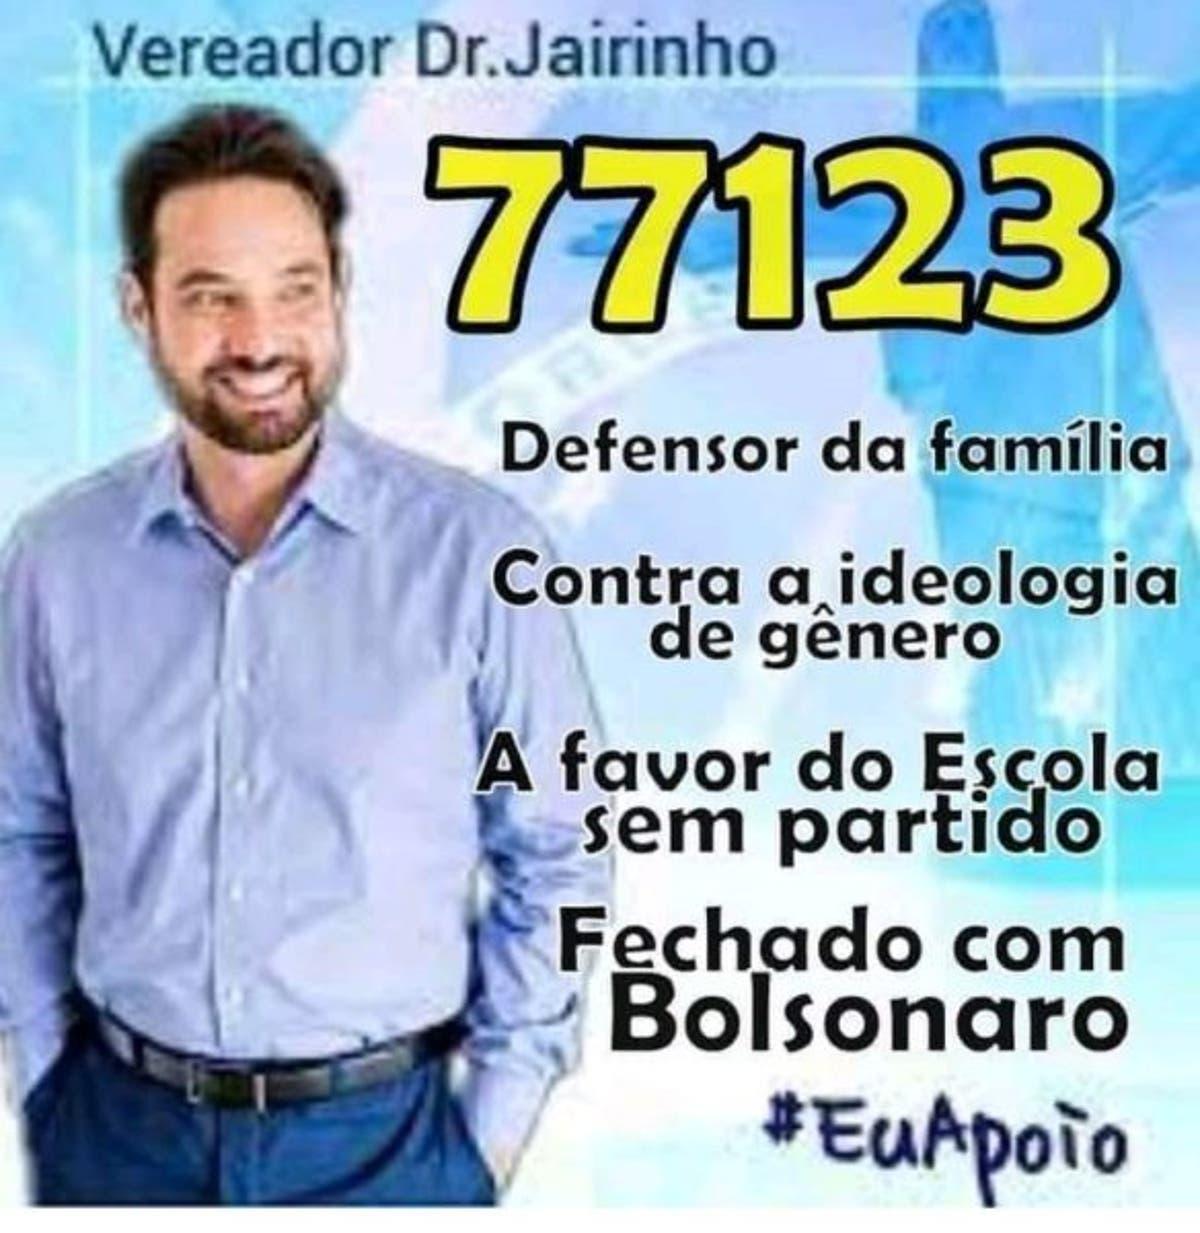 Dr. Jairinho, imagem falsa